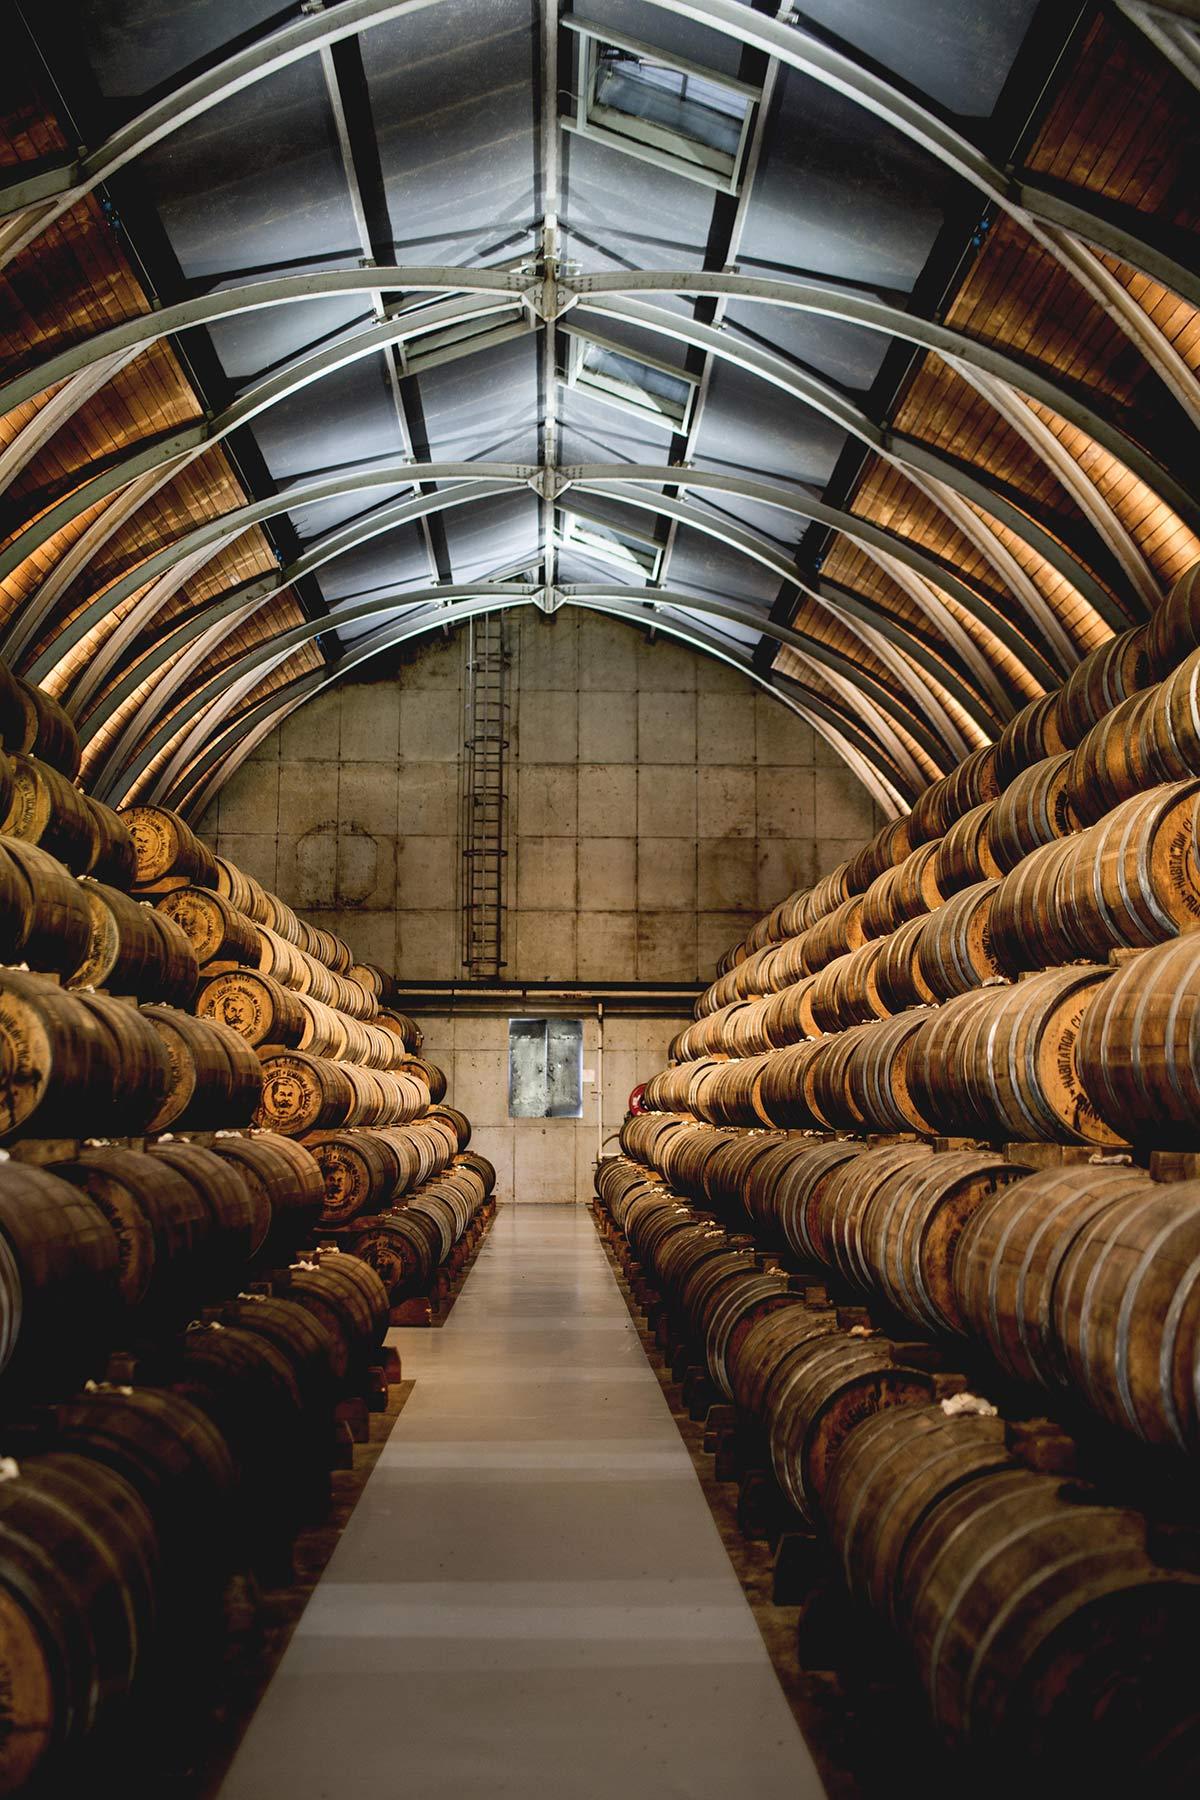 Rumfaesser Distillerie Habitation Clement in Le Francois